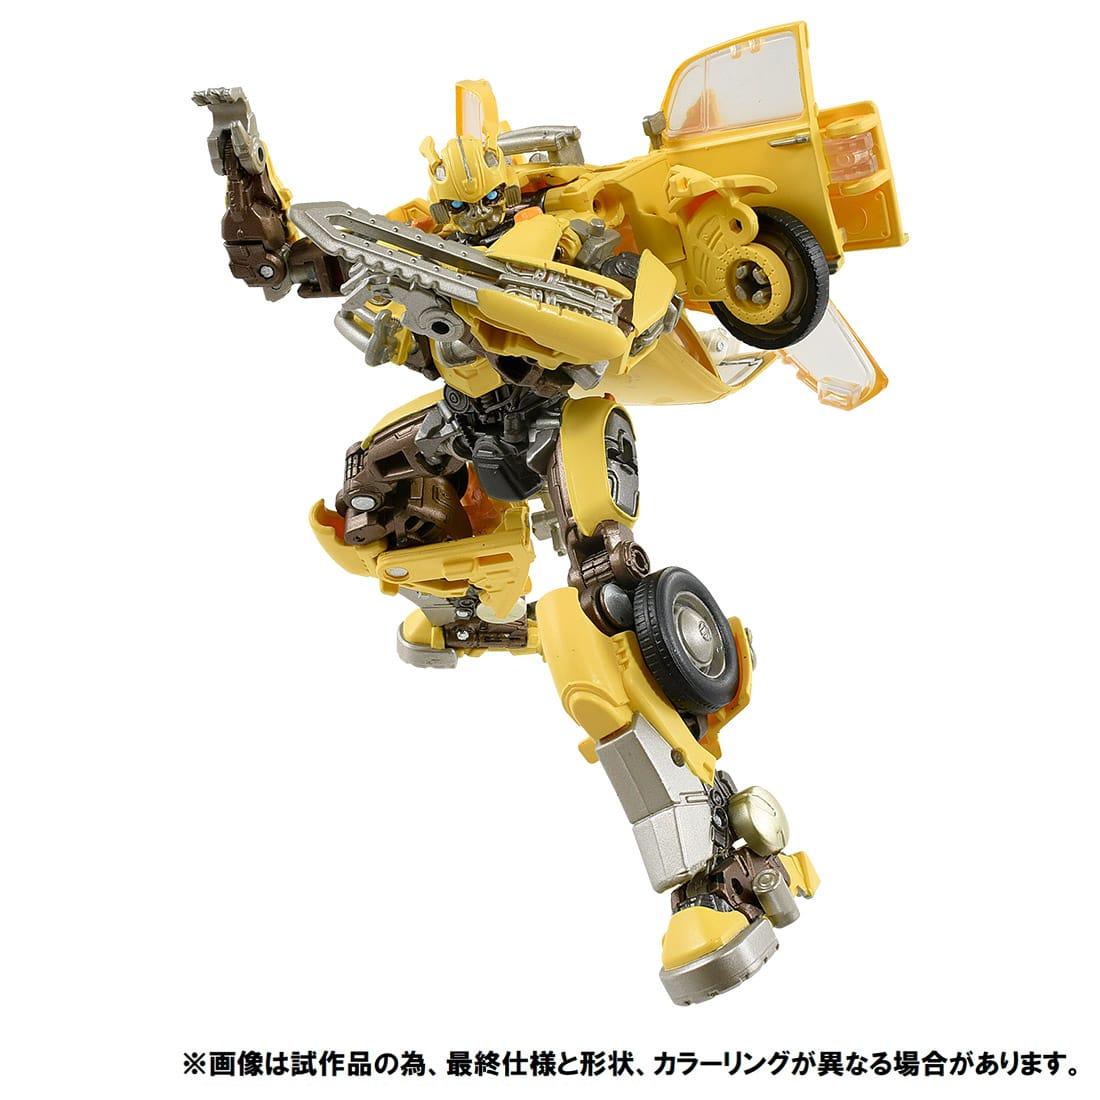 トランスフォーマー プレミアムフィニッシュスタジオシリーズ『PF SS-01 バンブルビー』可変可動フィギュア-001